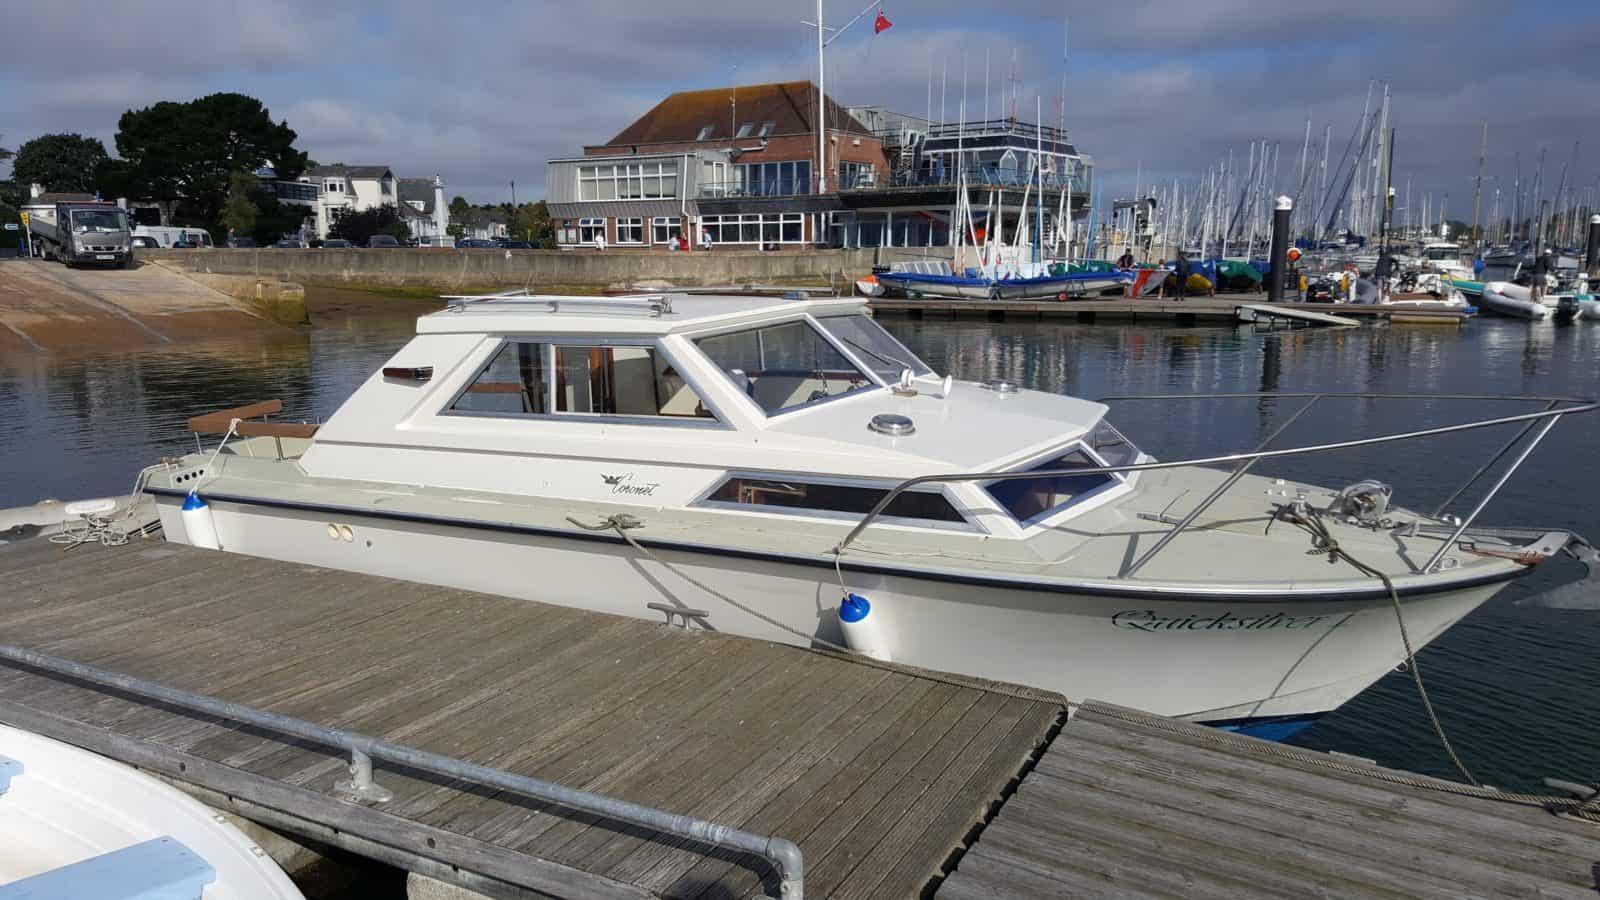 Coronet Family 24 Boat